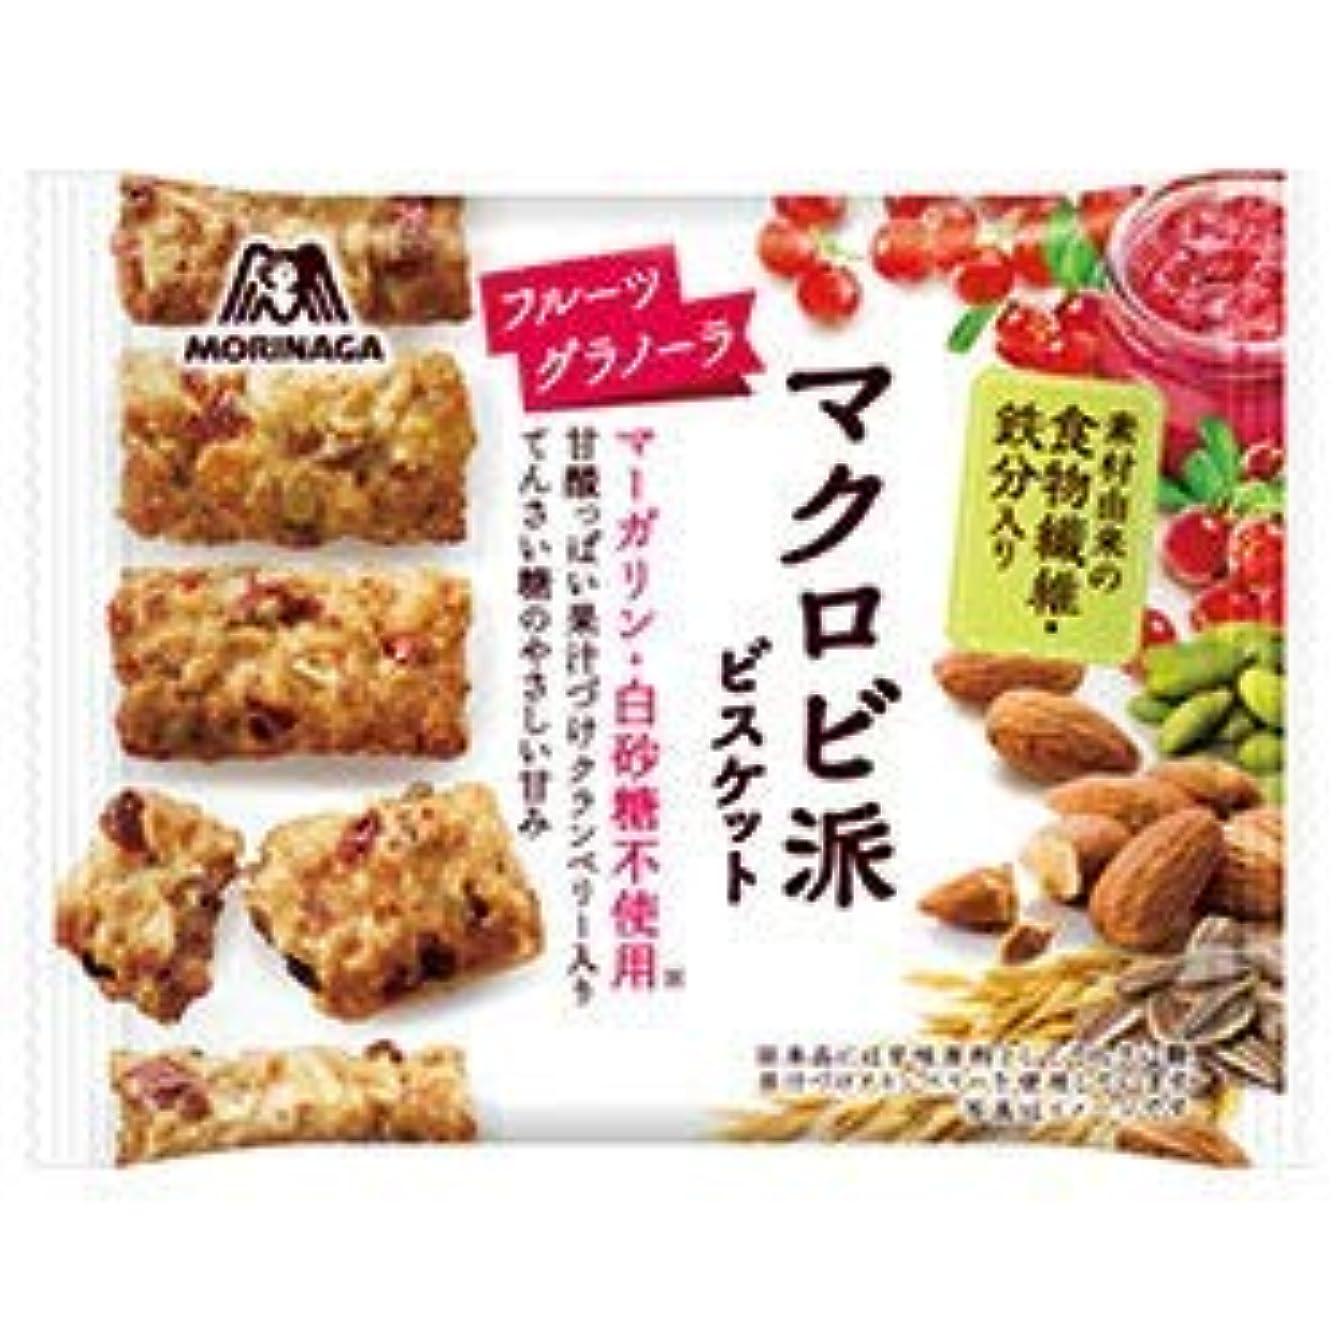 お茶ジェムパール森永製菓 マクロビ派ビスケット フルーツグラノーラ 48個セット